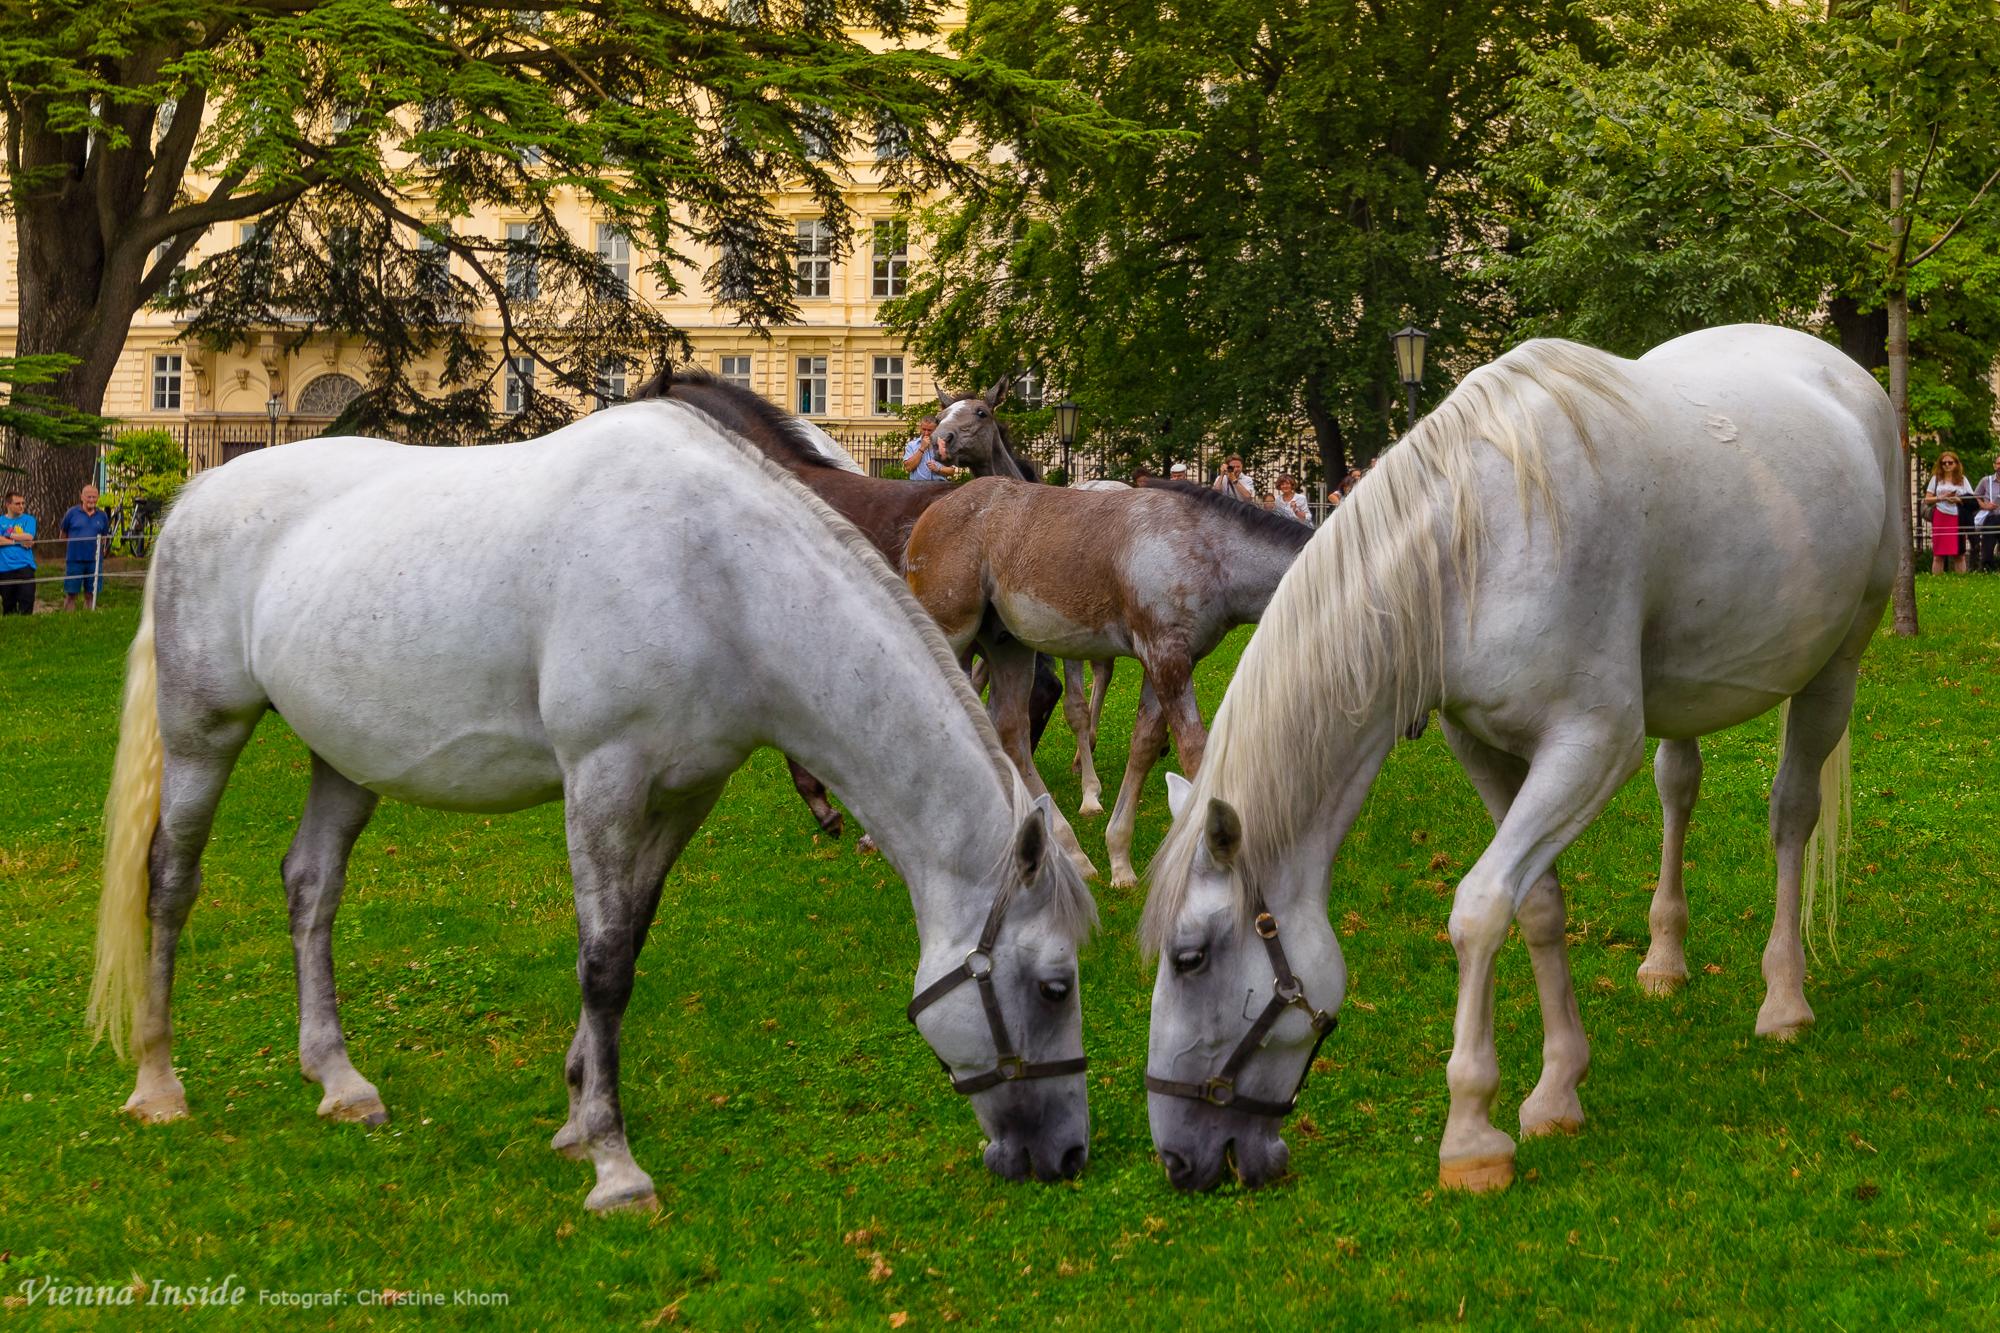 Grafenegg exklusive partnervermittlung: Dominate sie sucht ihn